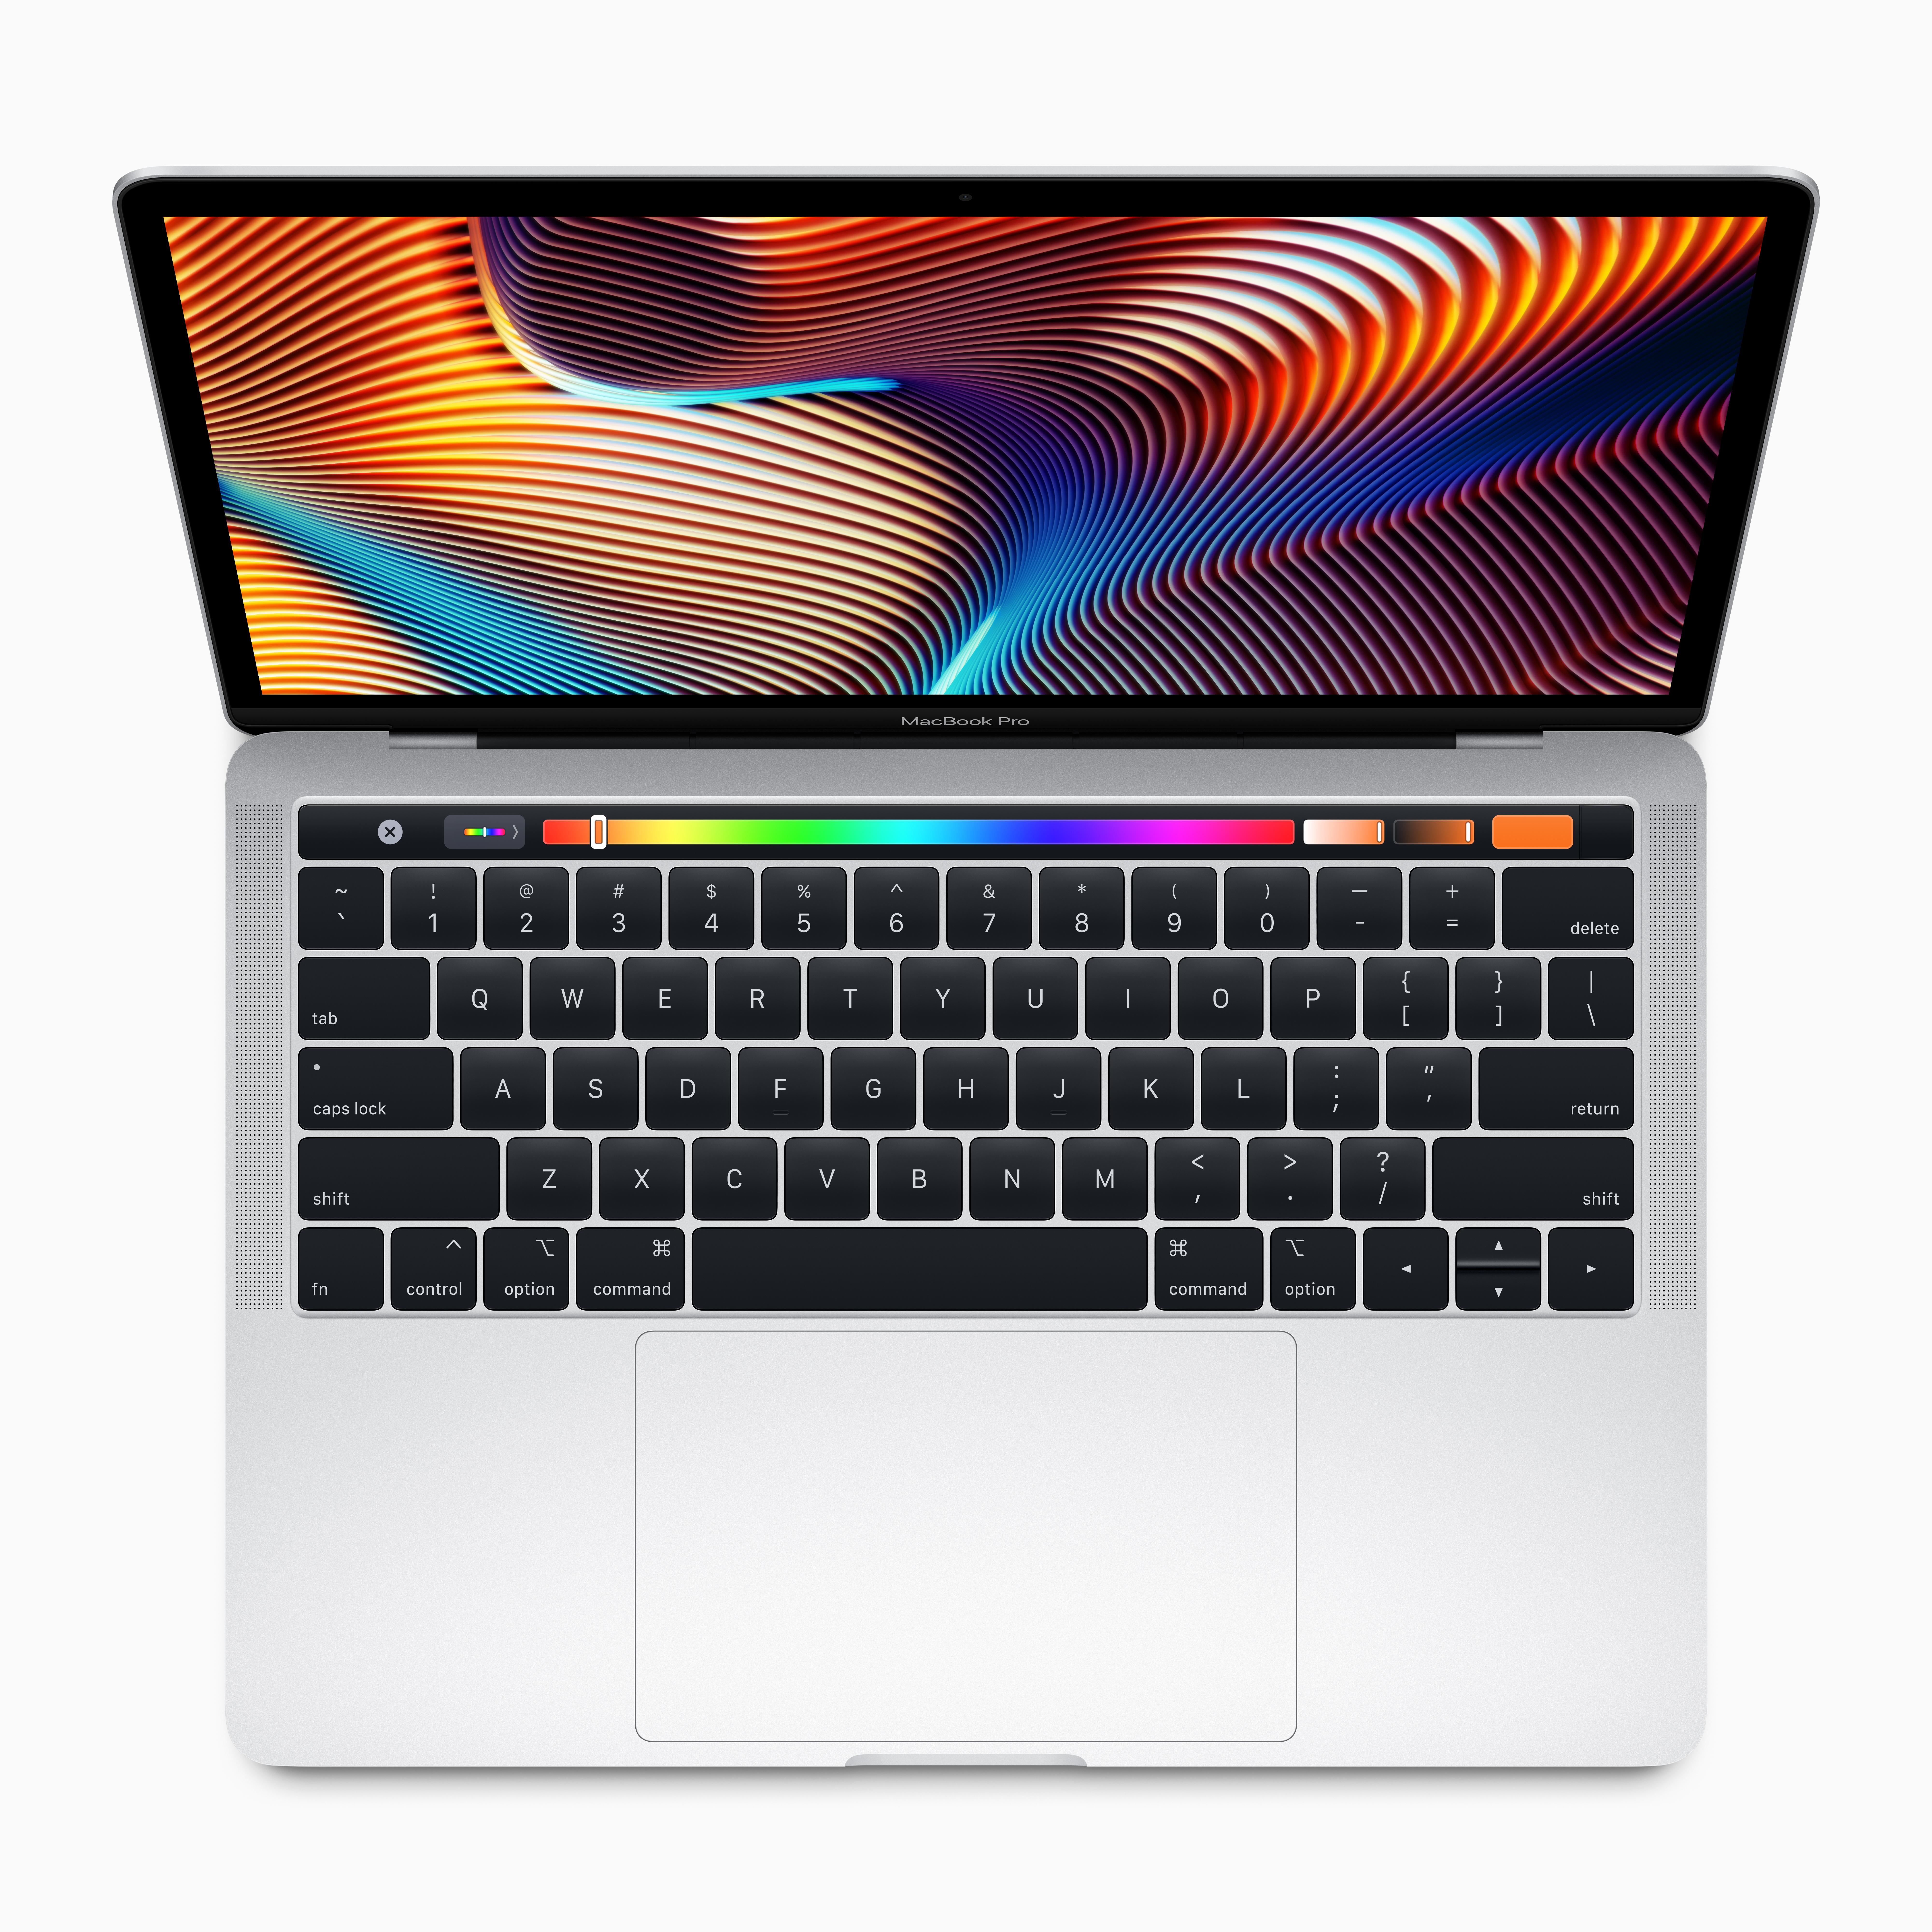 b65ab0772ca Apple has killed off the original MacBook laptop — Quartz